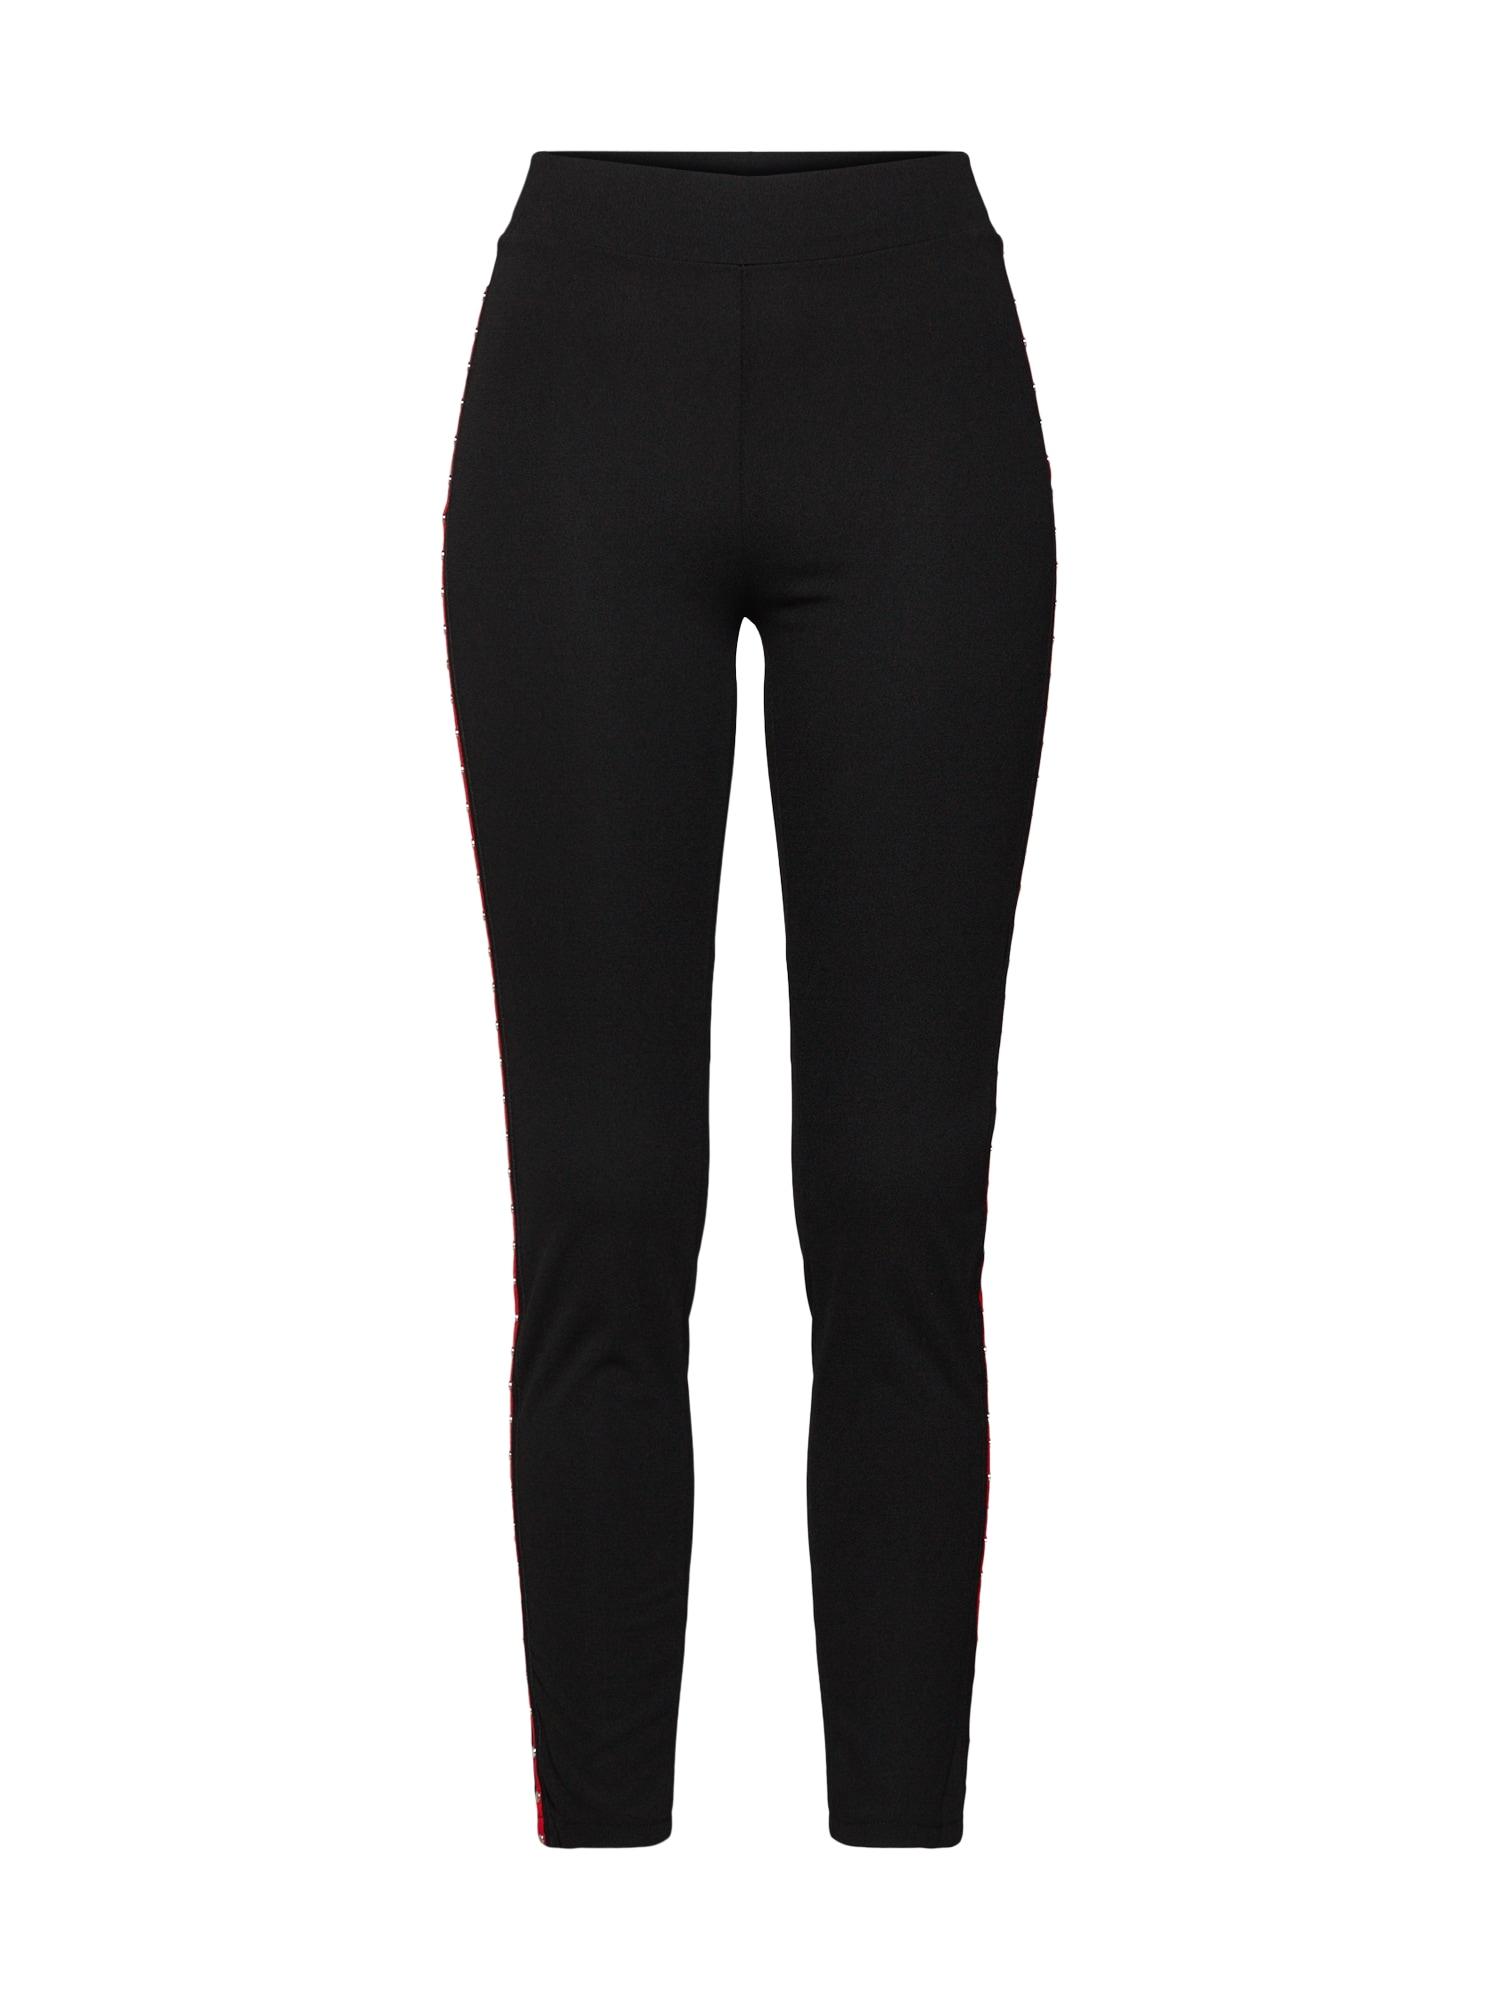 Kalhoty Trousers červená černá WAL G.